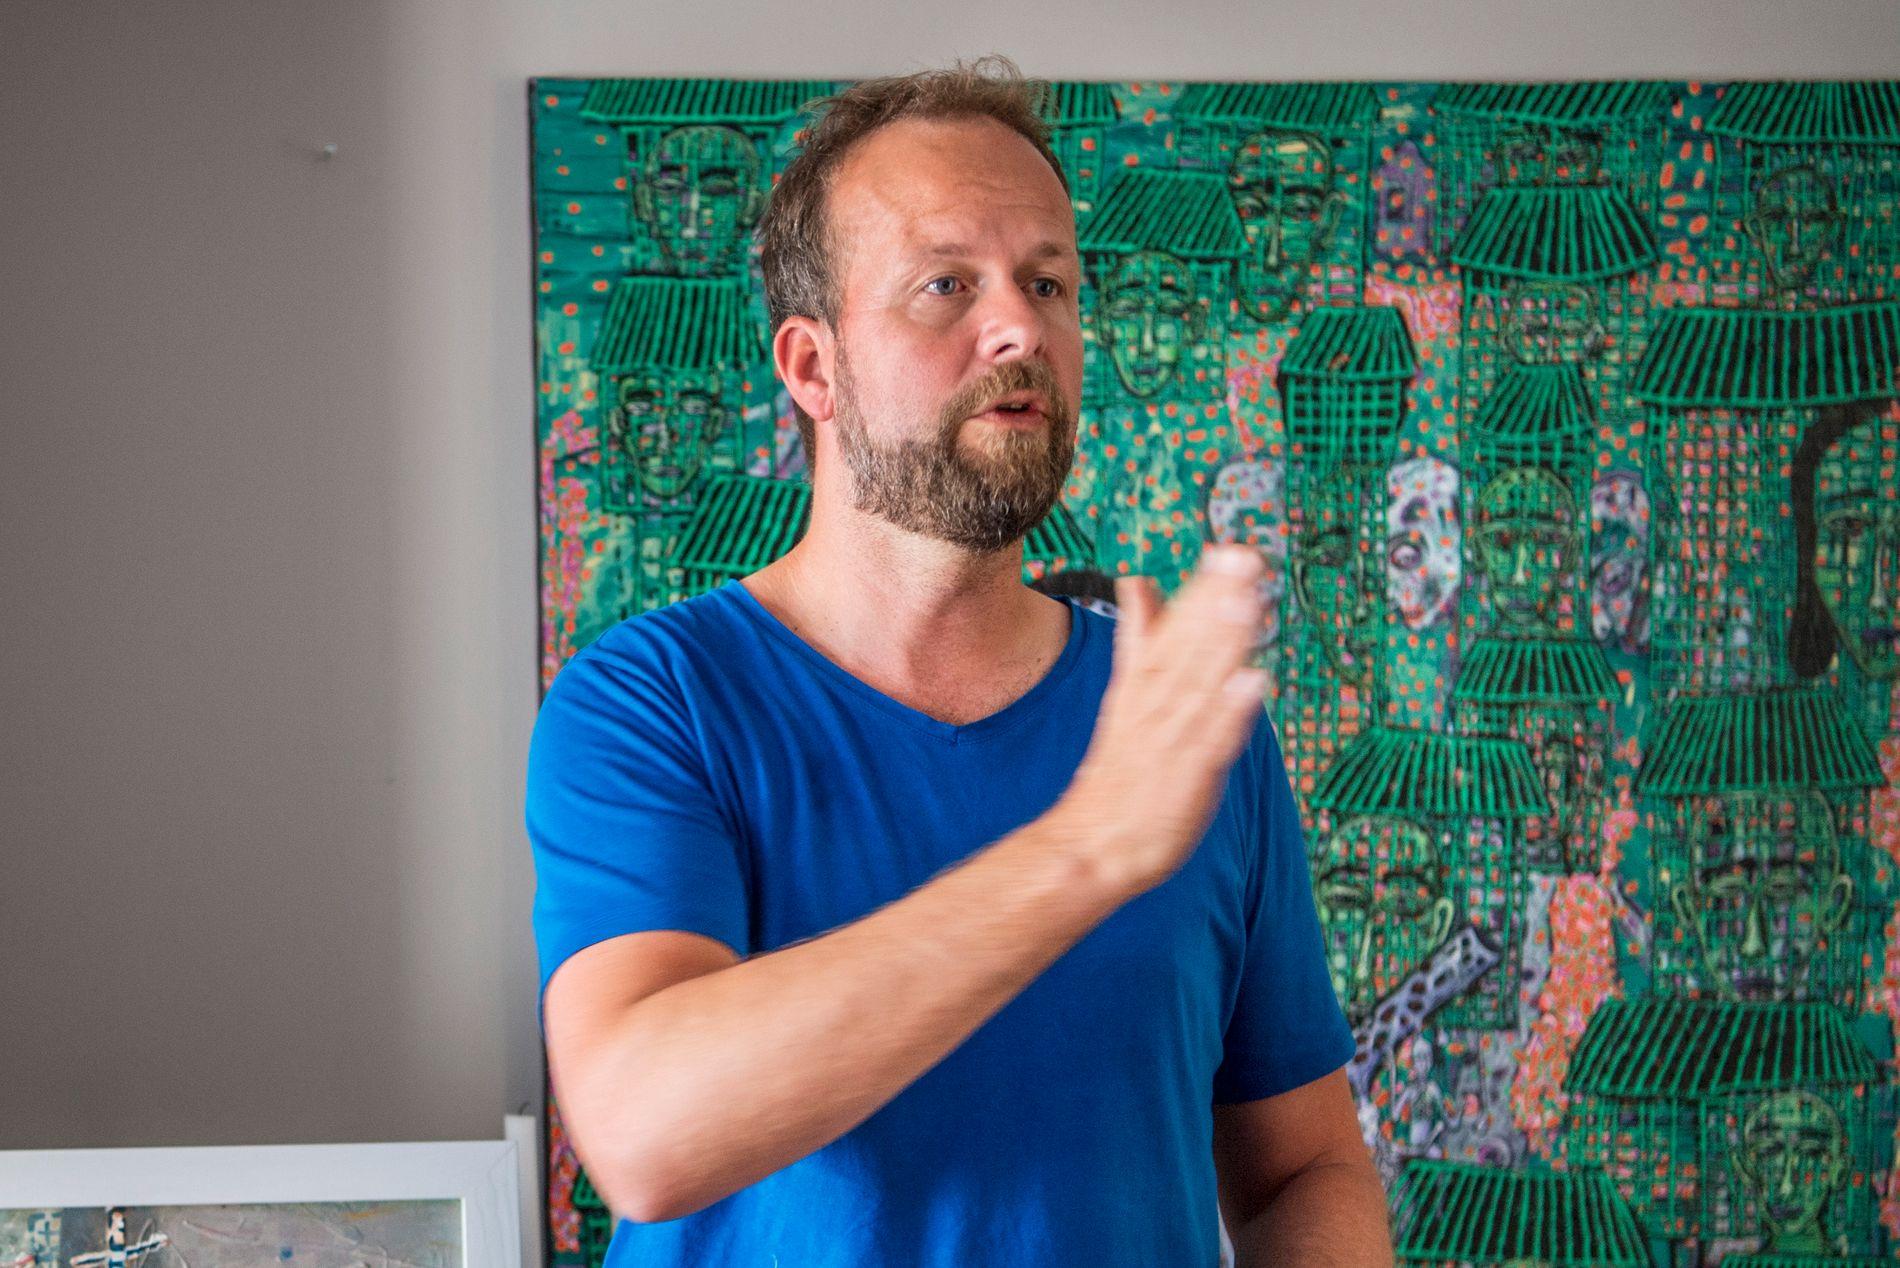 HAR FORLATT NORGE: Thomas Myhre avbildet i sitt hus på Ulvøya i sommer – like før familien bestemte seg for å flytte.